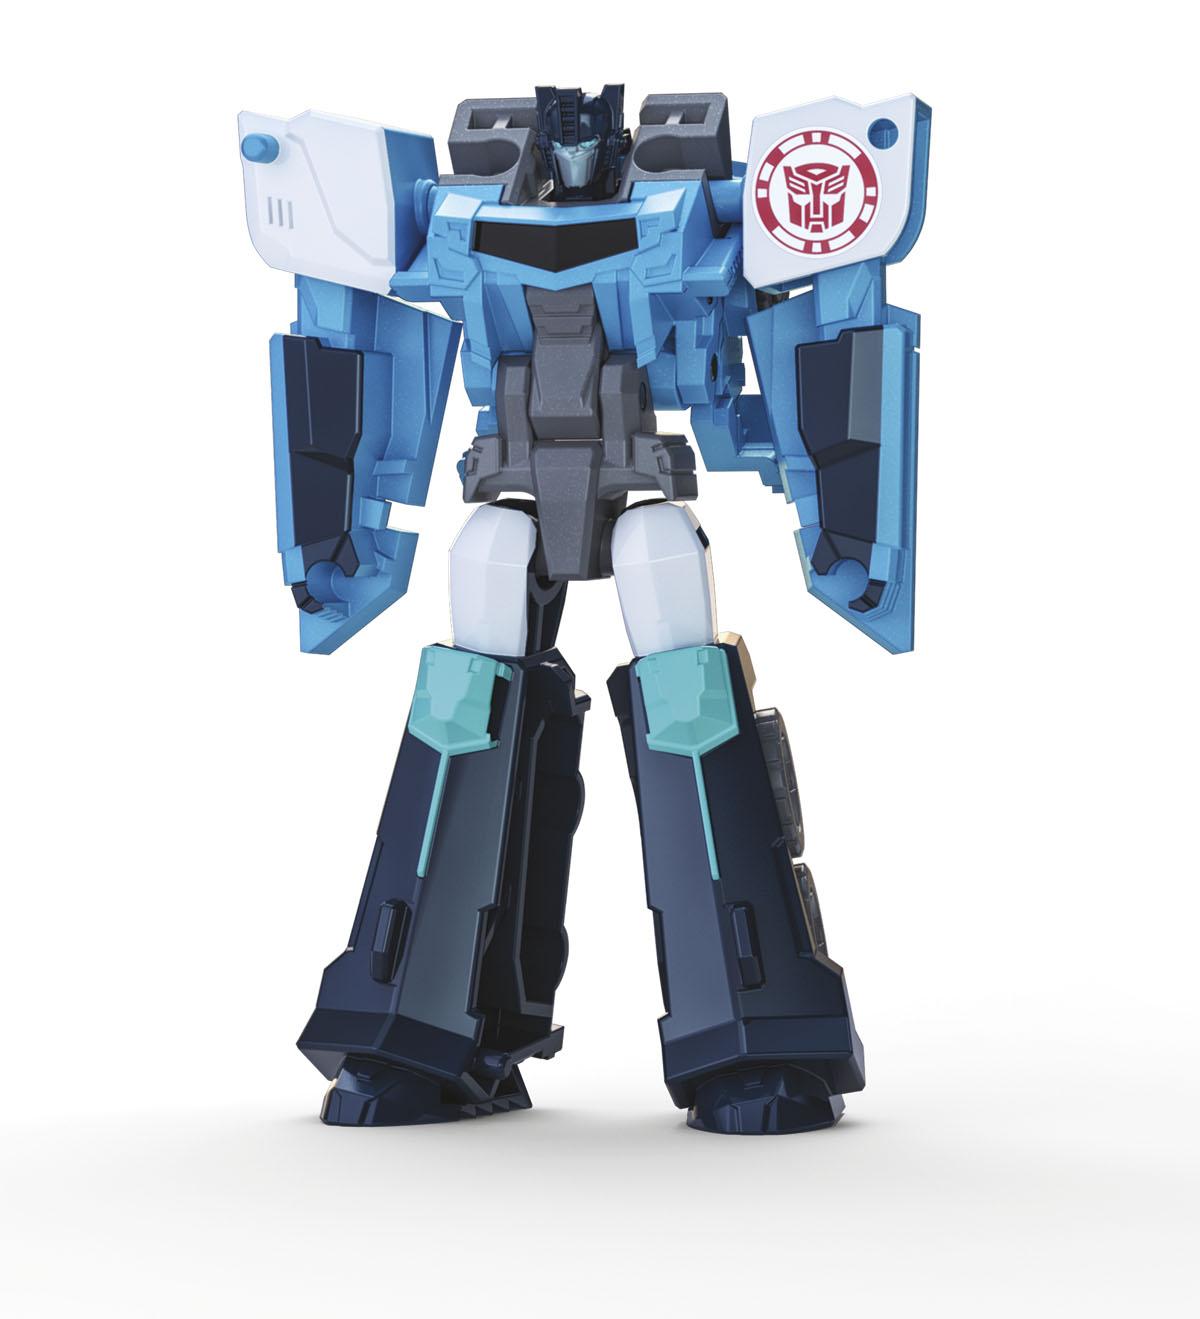 Ratchet Robots Disguise